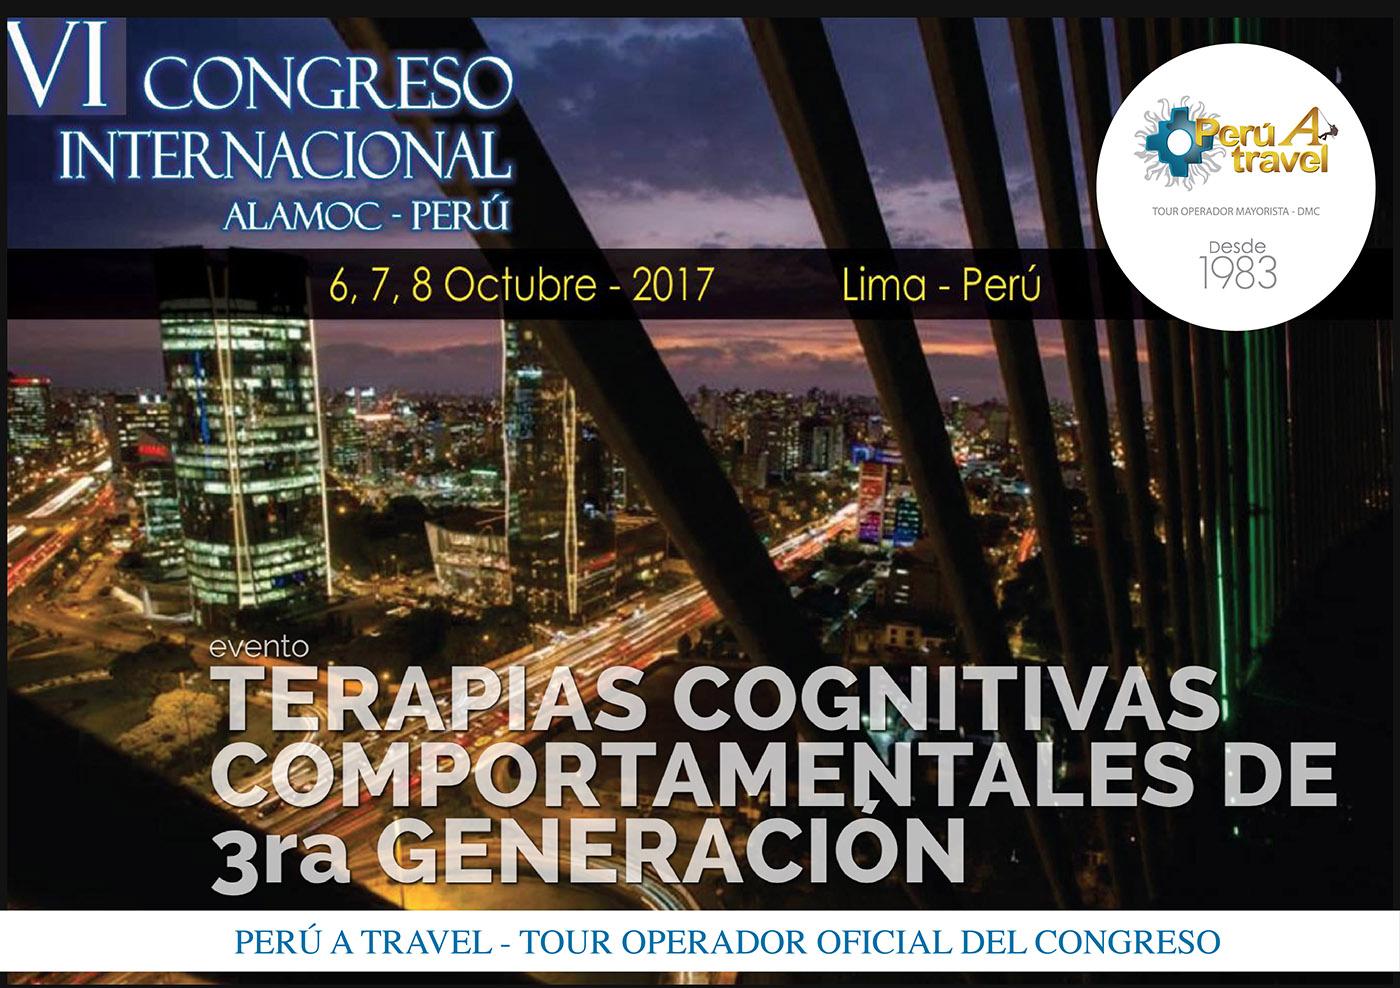 congresos alamoc 2017 terapia cognitiva comportamentales peruatravel peru a travel